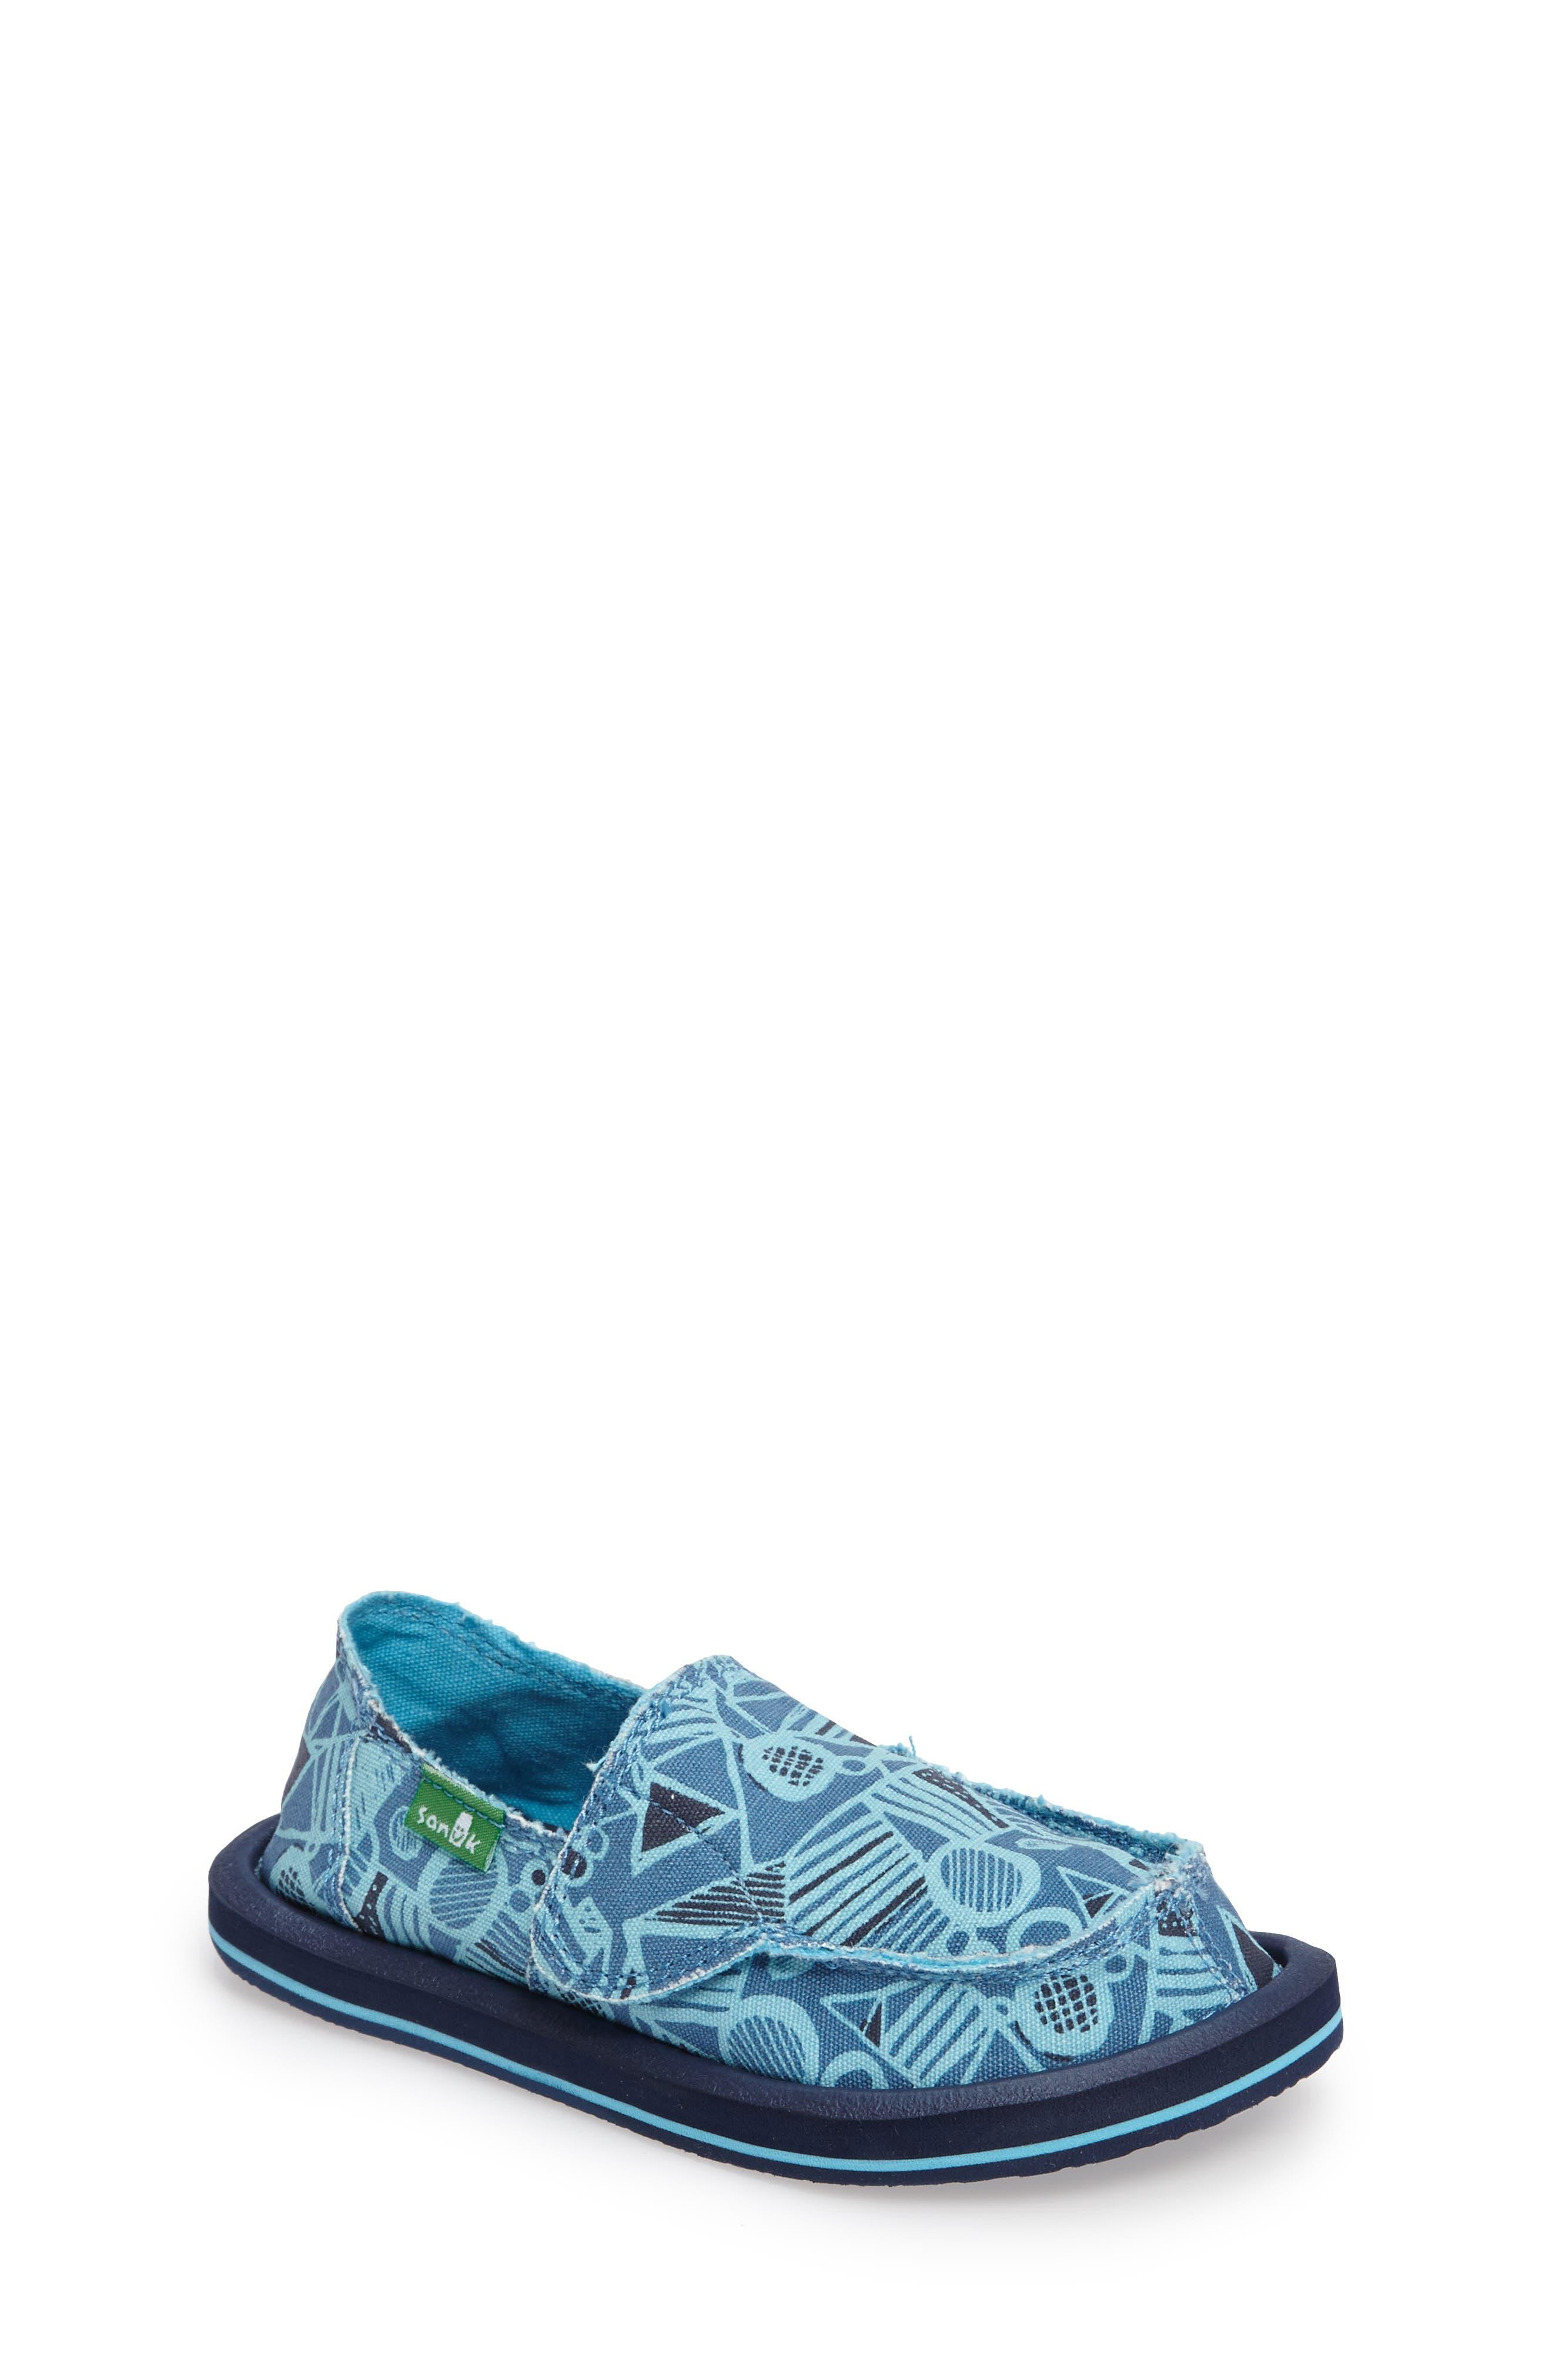 SANUK Lil Donny Slip-On Sneaker